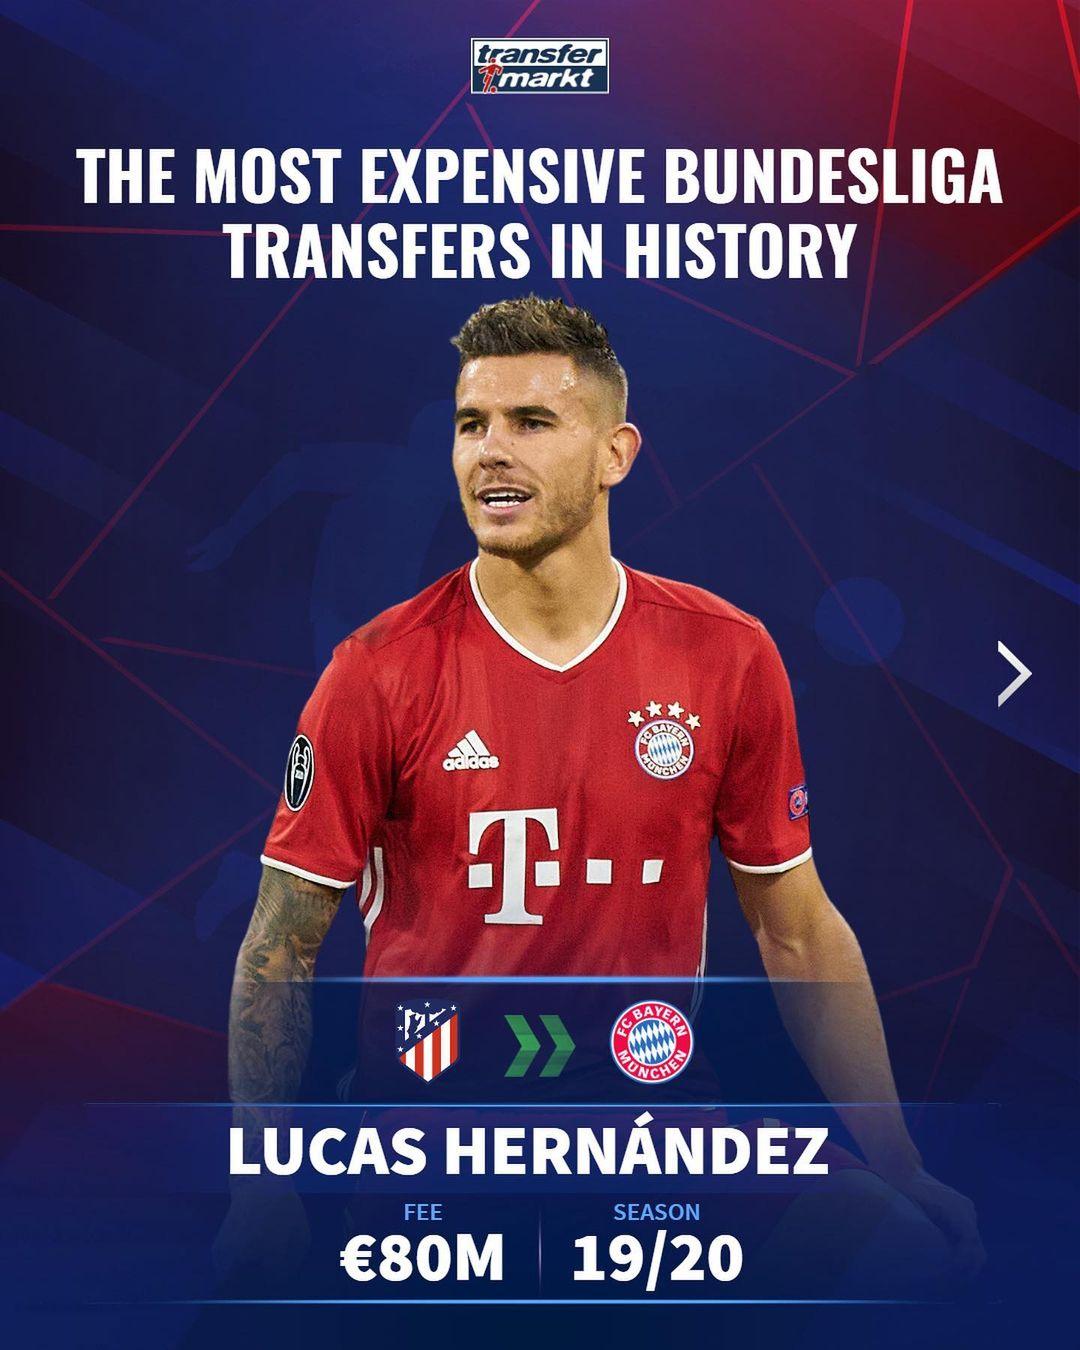 德甲最贵引援TOP5:卢卡斯8000万欧居首,拜仁占据4席